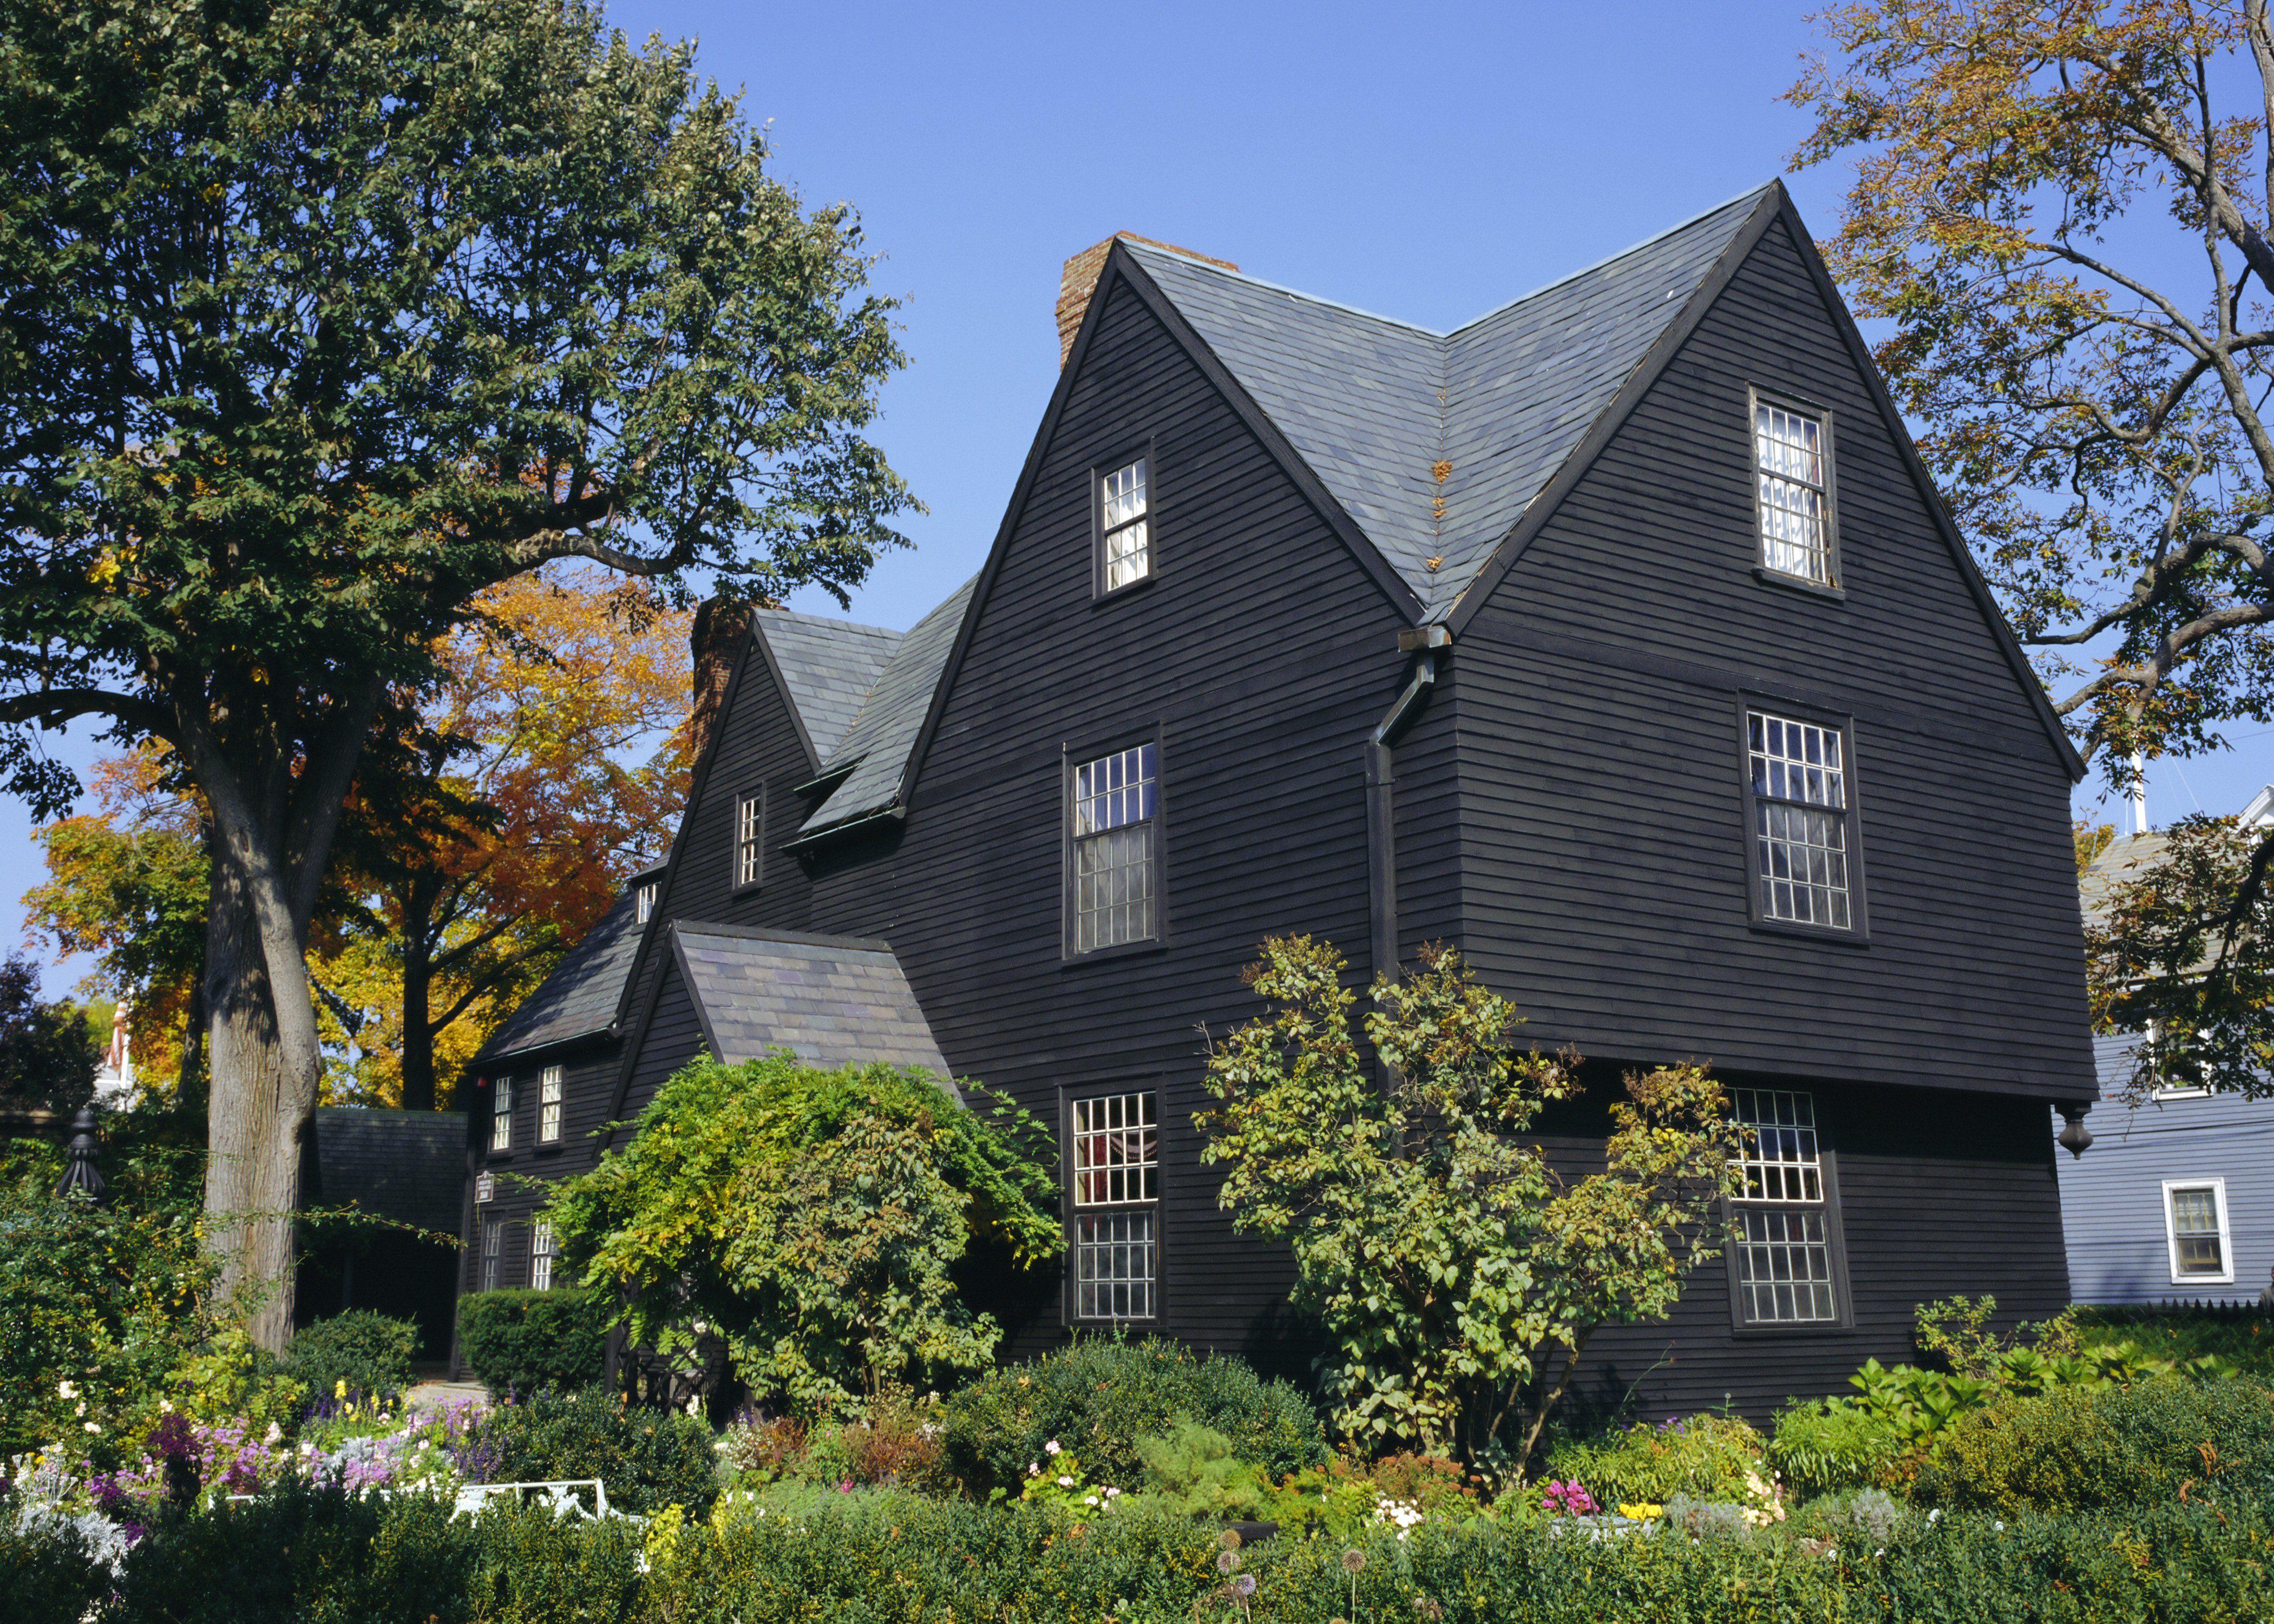 Casa de color oscuro de los Siete Tejados, 1668, Salem, MA, que se hizo famosa por Nathaniel Hawthorne